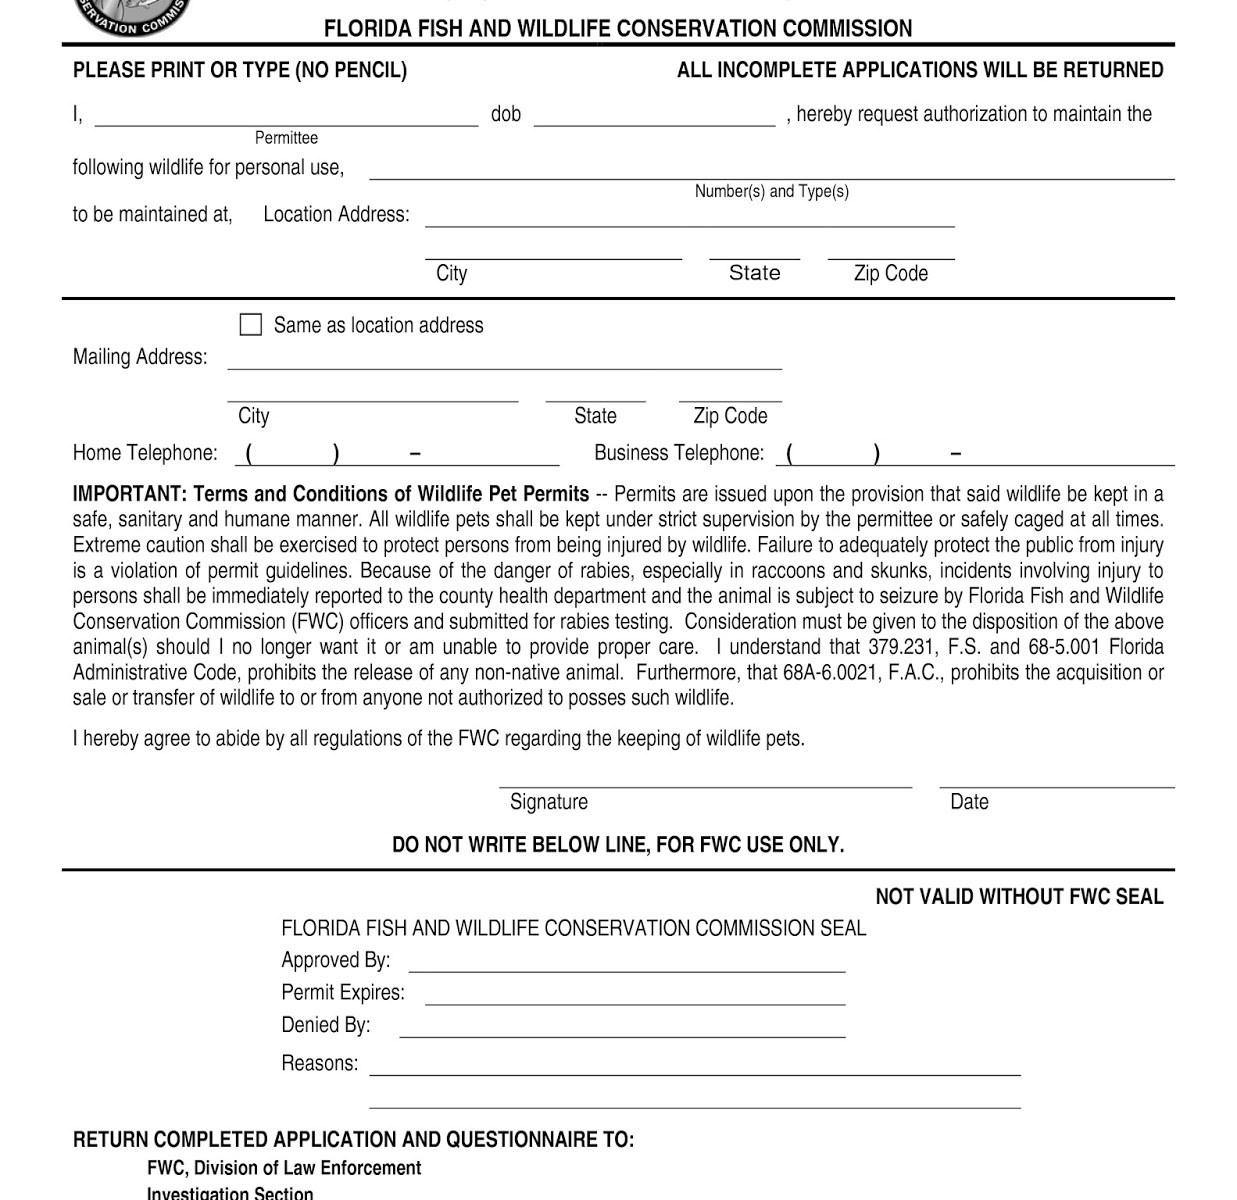 FWC Class III Permit Help